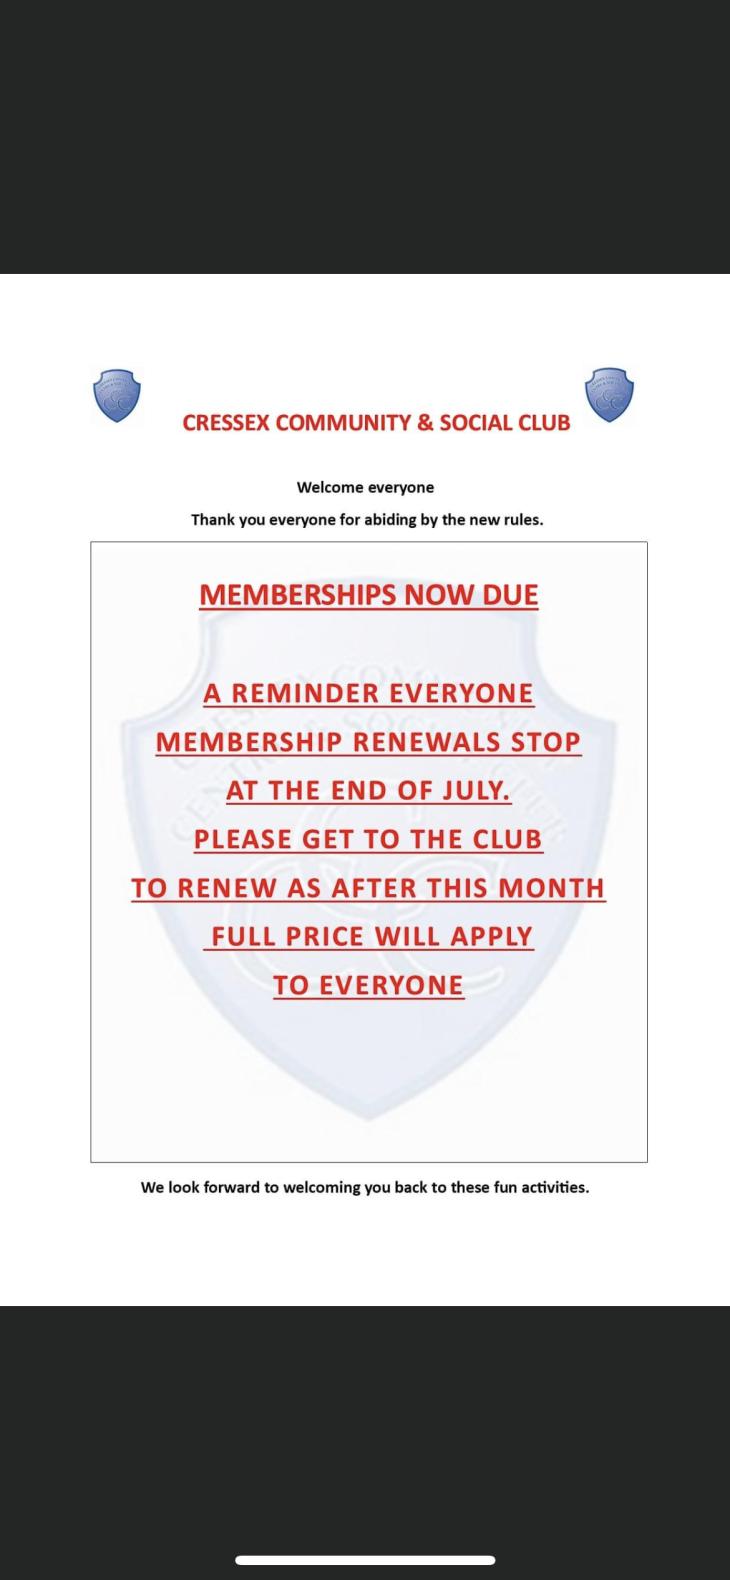 Membership renewal final week reminder